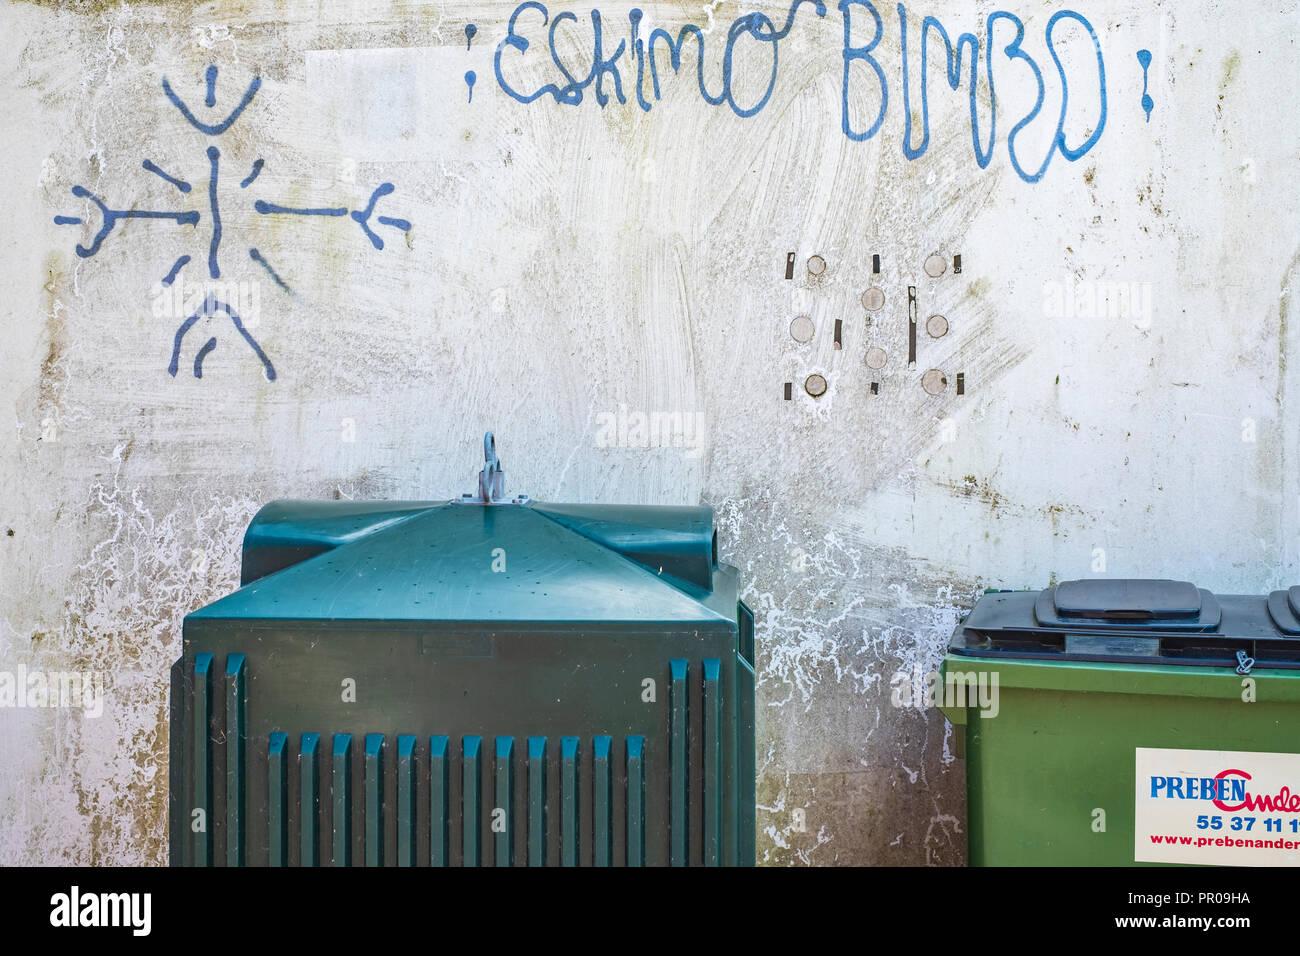 Müllcontainer und graffito, ESKIMO BIMBO, Harbolle Havn auf Moen Island, Dänemark, Skandinavien, Europa. Stockbild